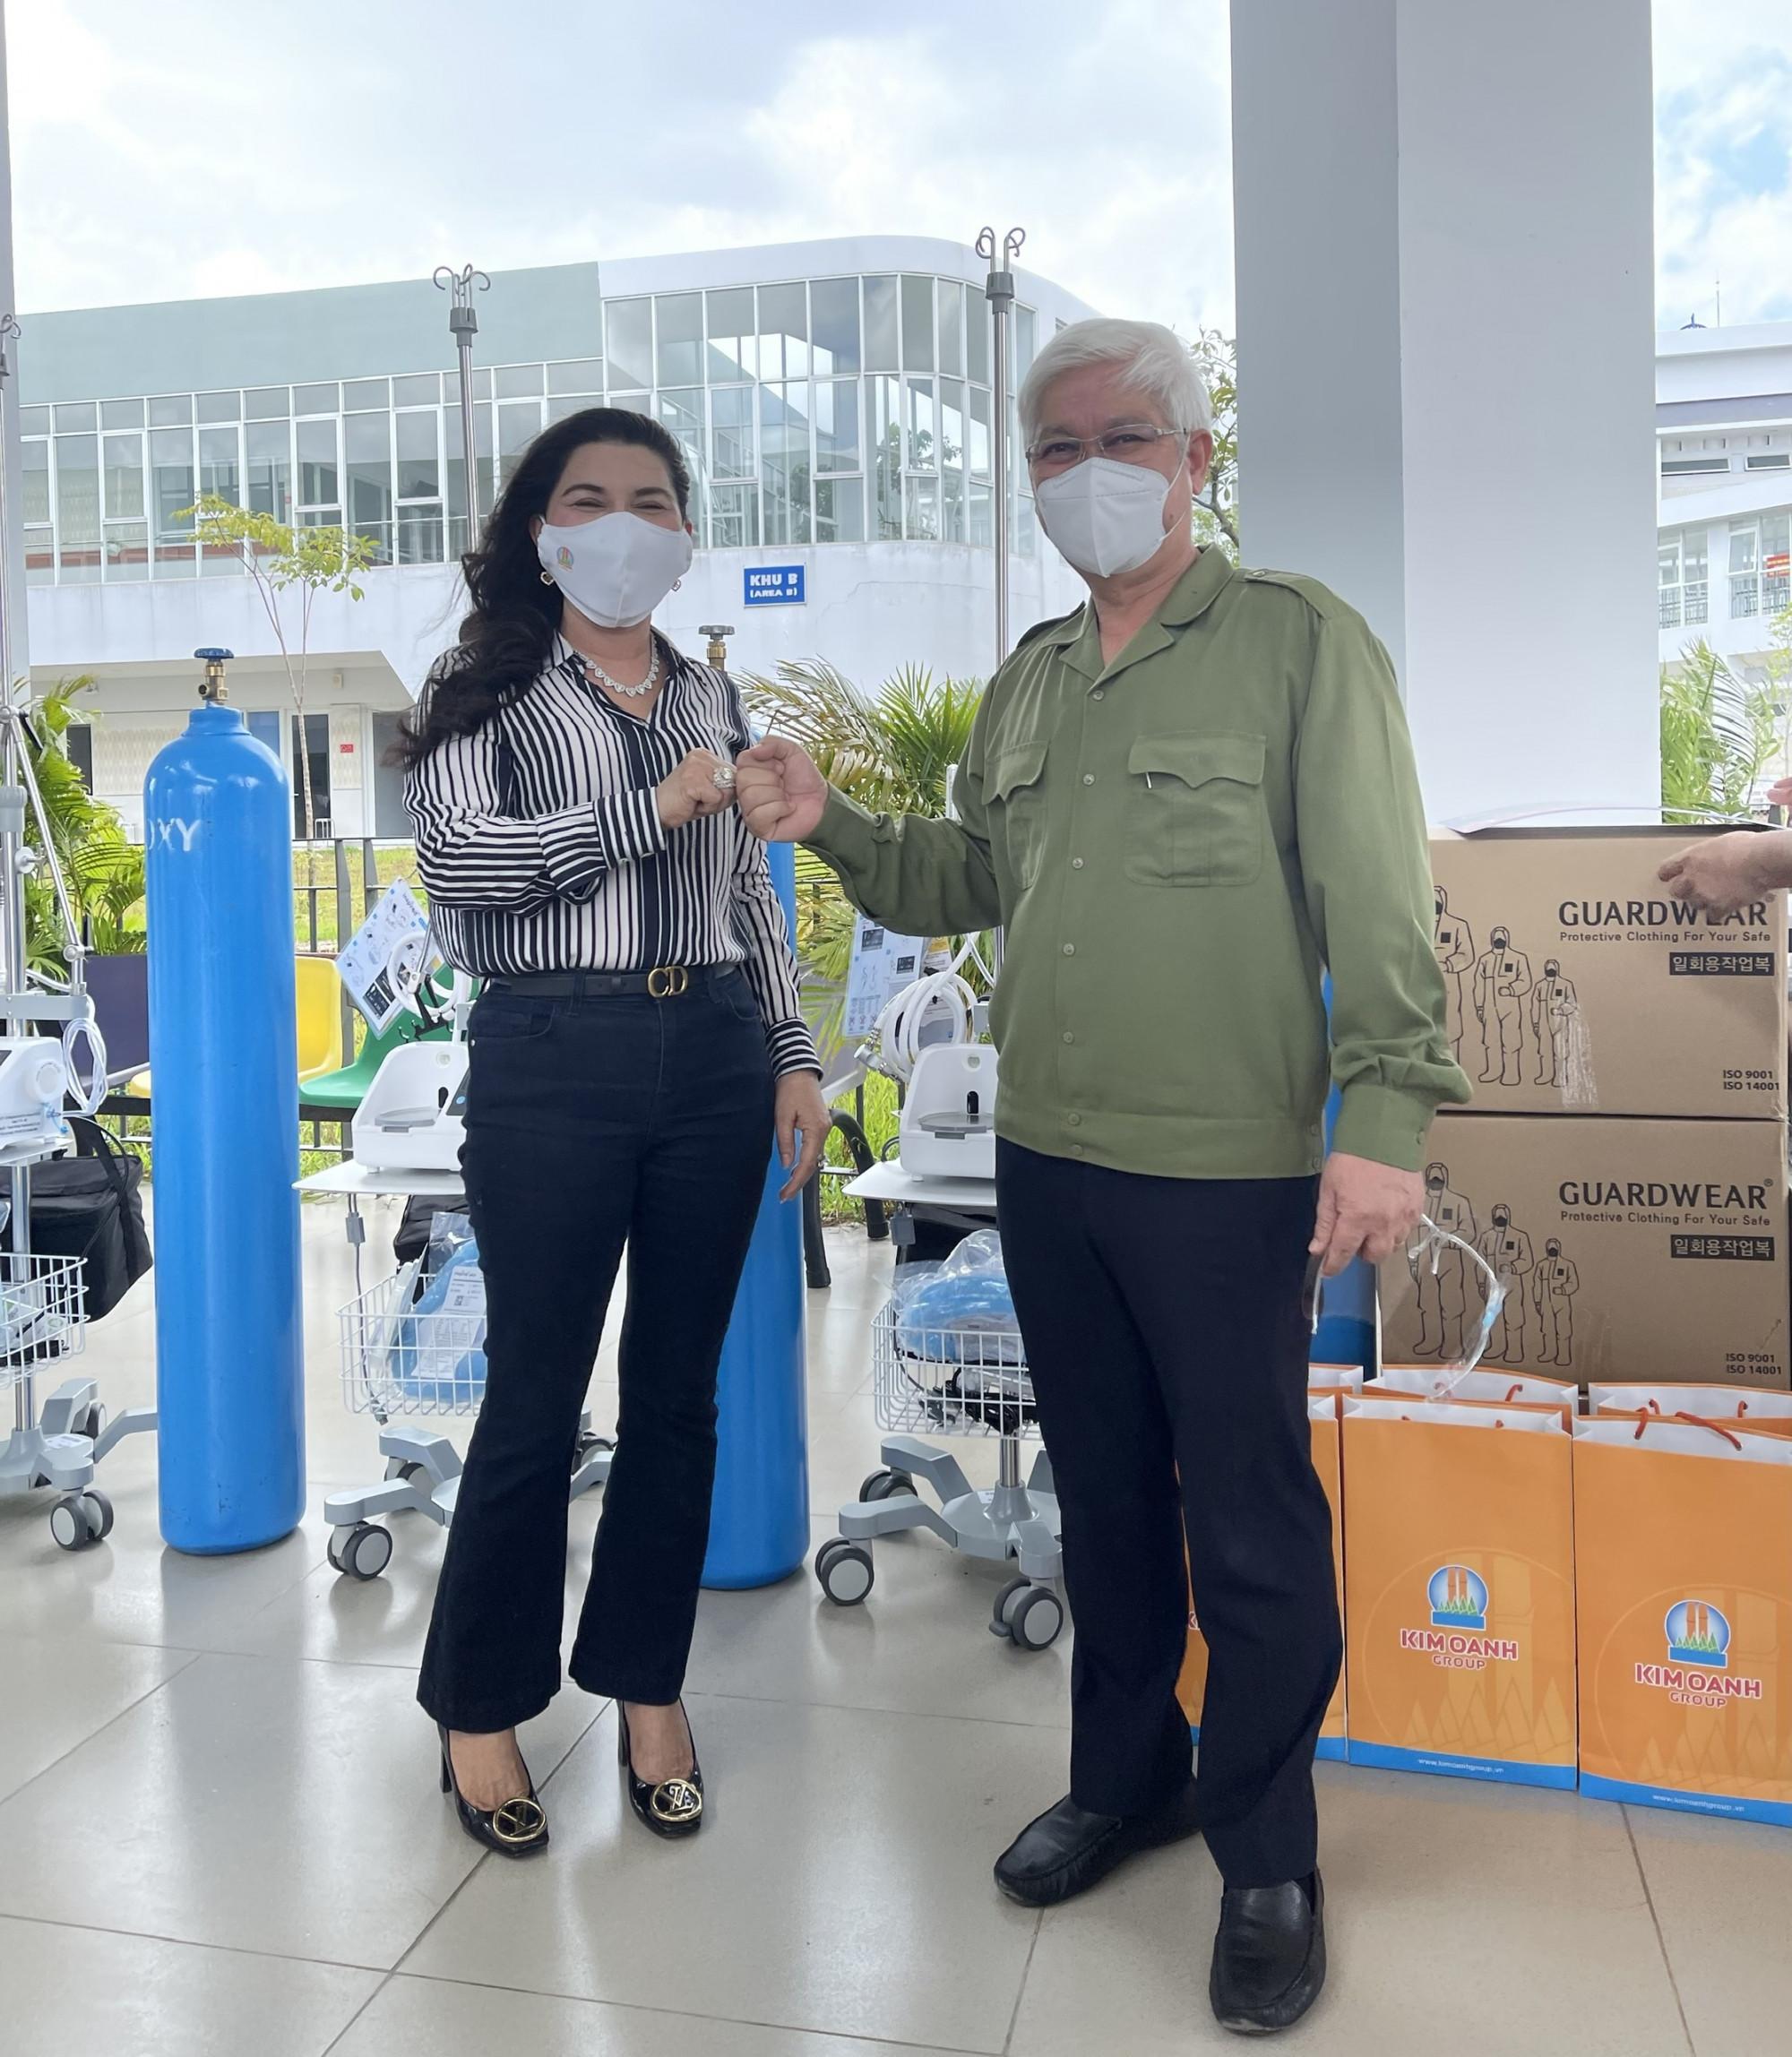 Bí thư Tỉnh ủy Bình Dương Nguyễn Văn Lợi khen ngợi tinh thần chung tay phòng chống dịch của Tập đoàn địa ốc Kim Oanh trong việc ủng hộ các thiết bị, vật tư y tế hỗ trợ việc chăm sóc và điều trị bệnh nhân COVID-19 - Ảnh: Kim Oanh Group